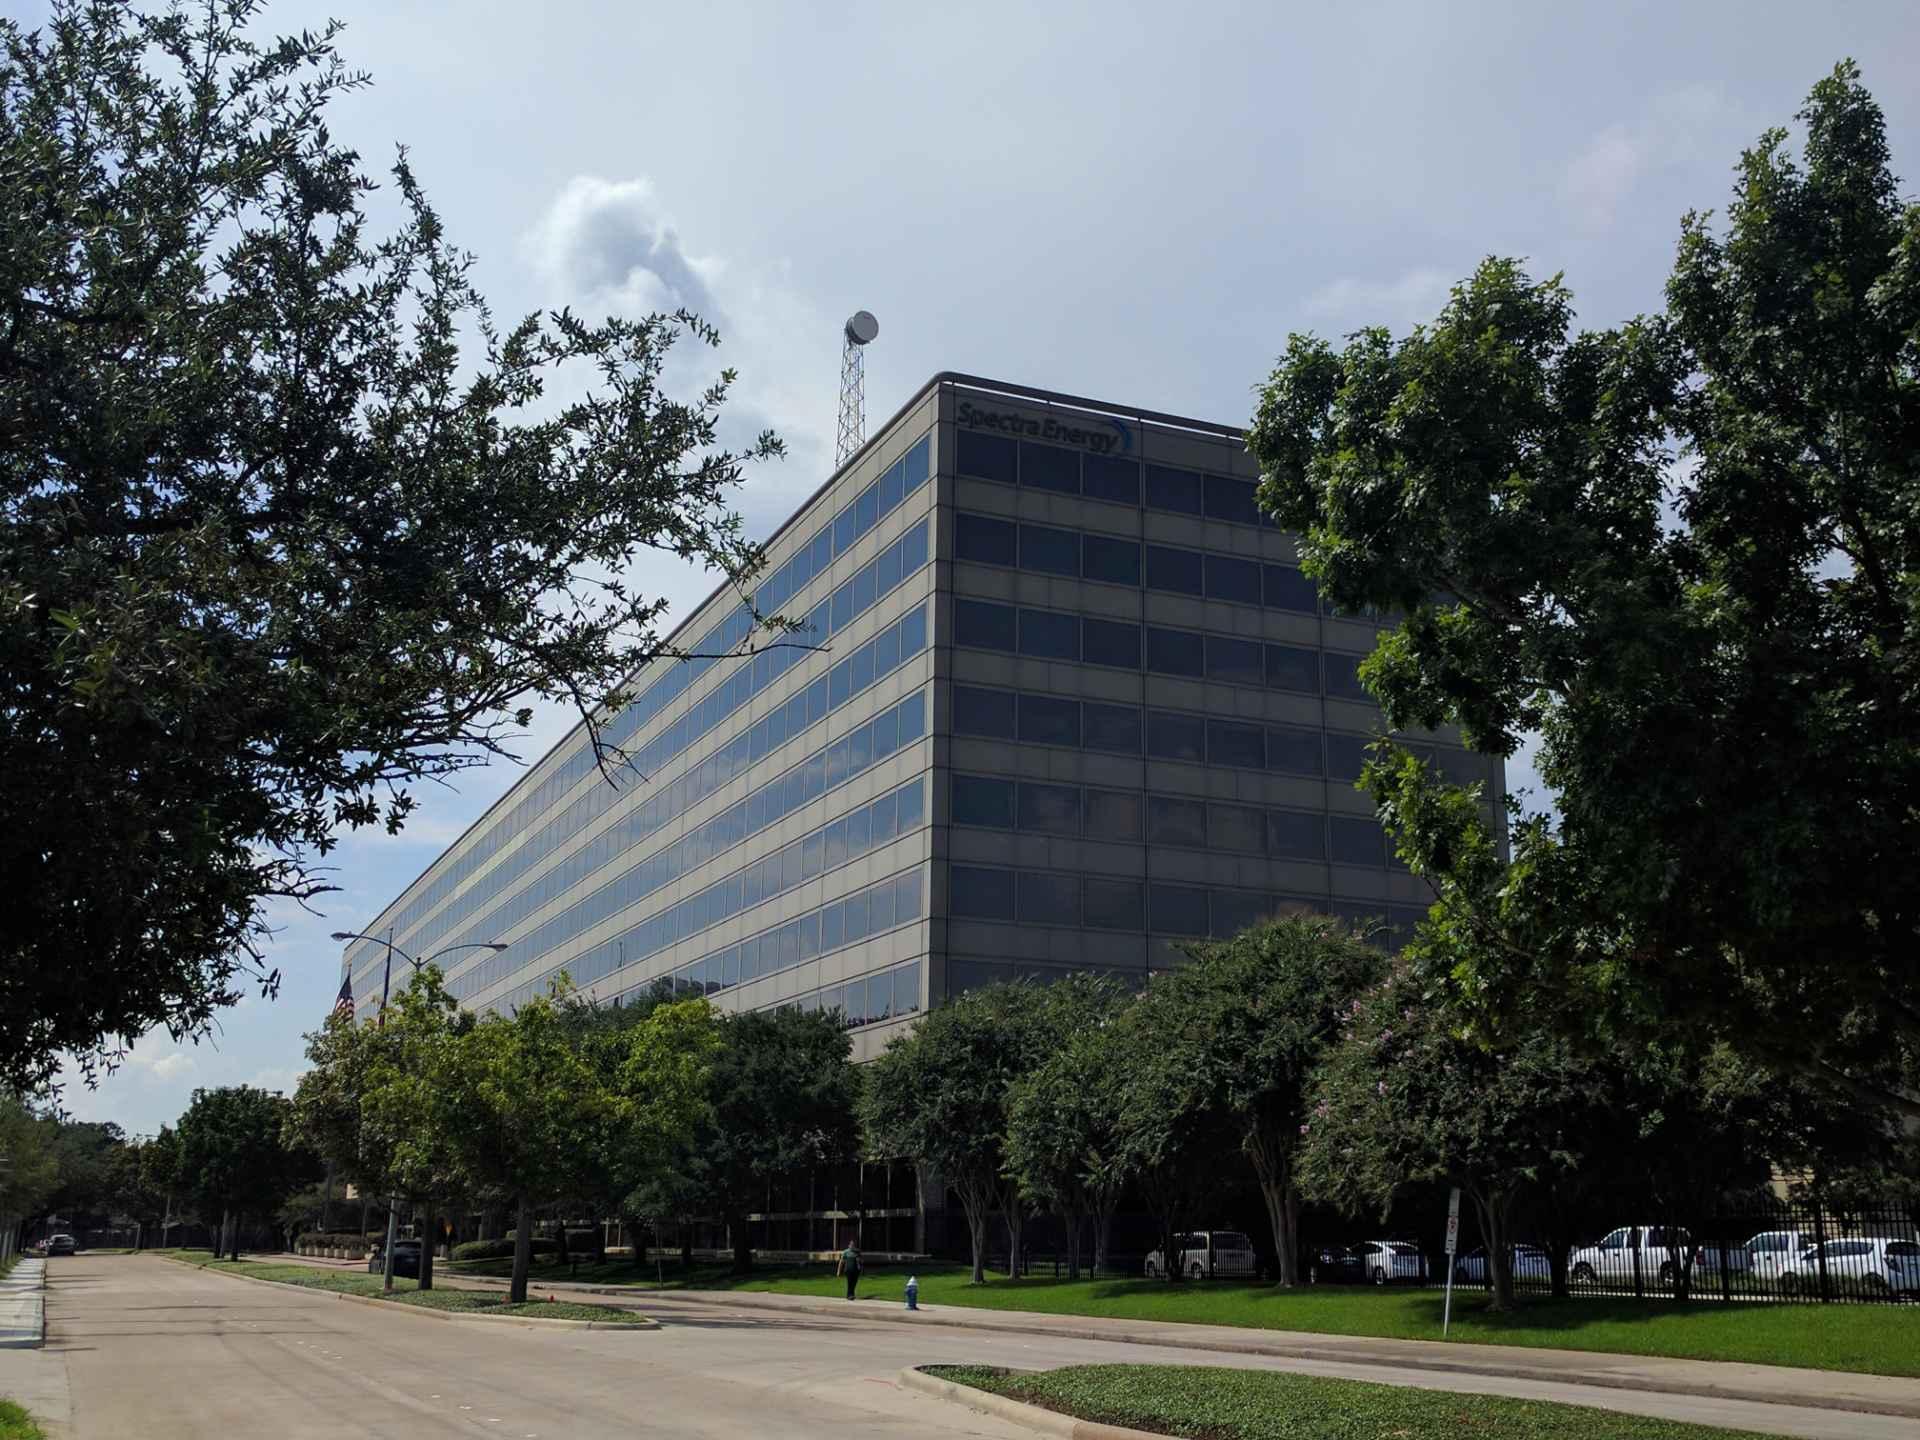 Spectra Energy's corporate headquarters in Houston, Texas.